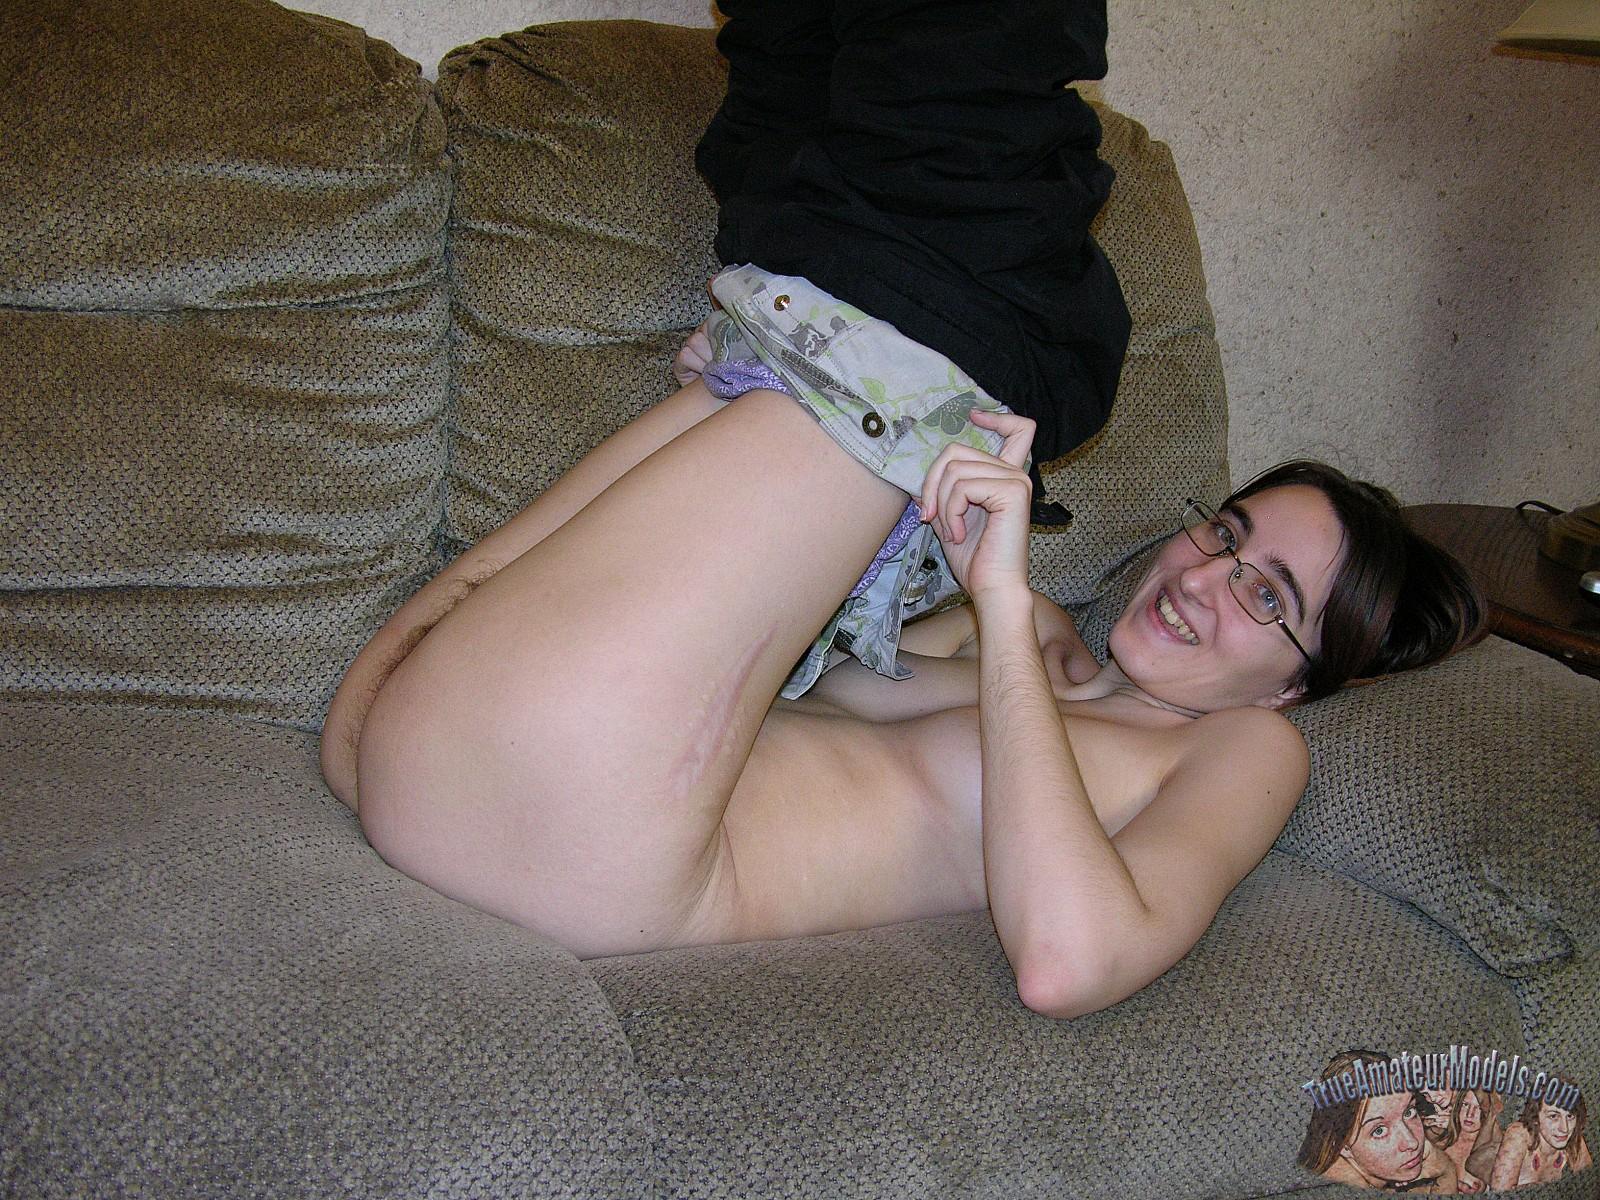 Nerd girl amateur nude geek